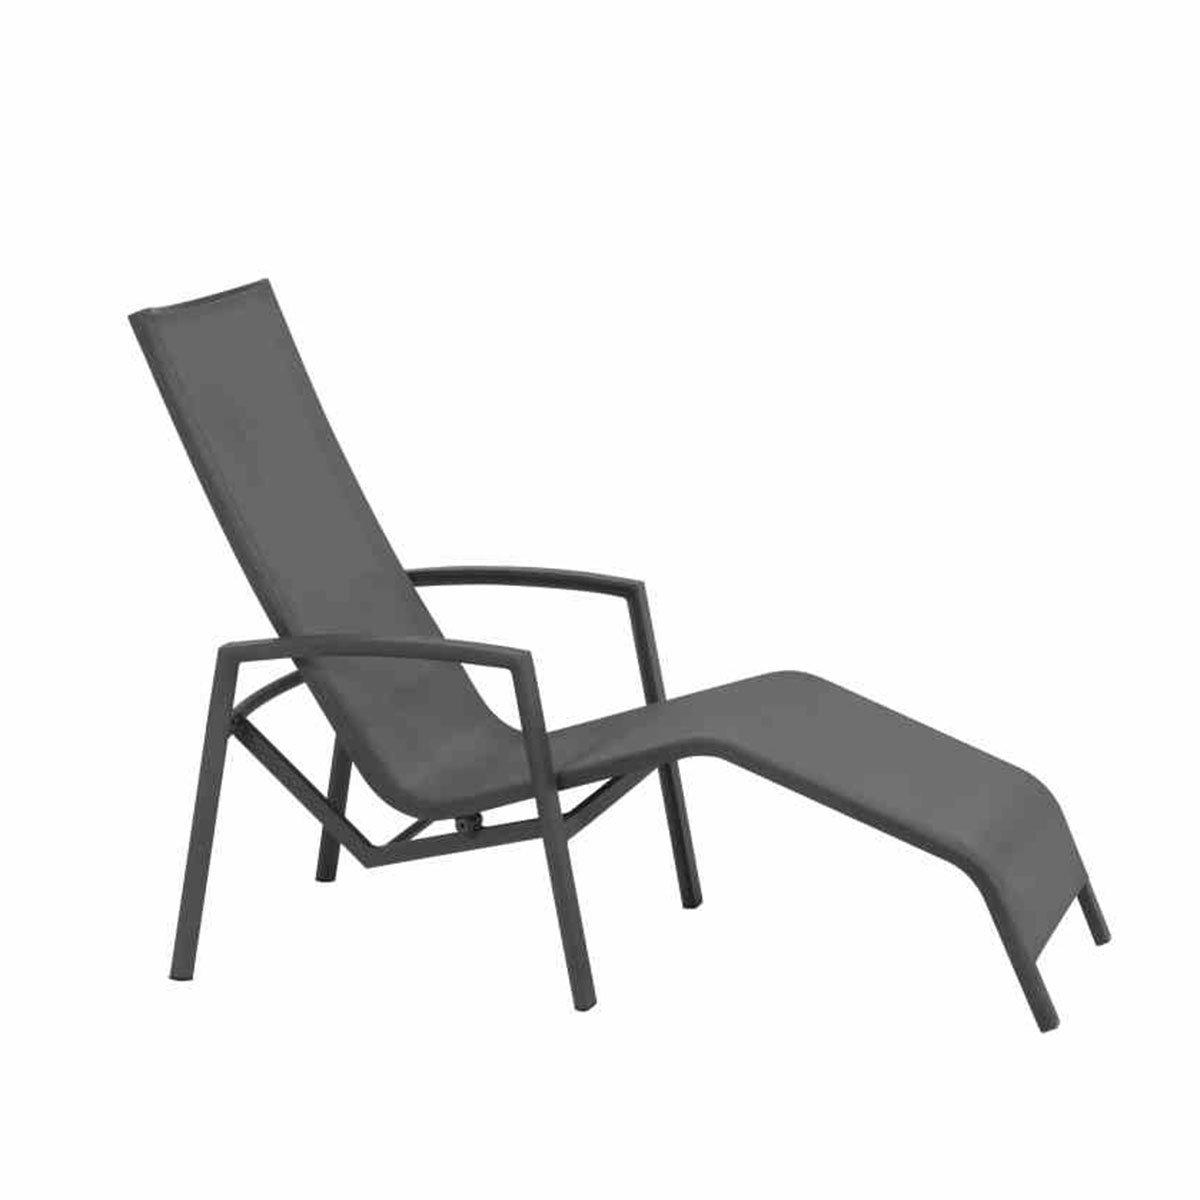 Gerona Sonnenliege, 103x68x148 cm, Aluminium, grau | #3